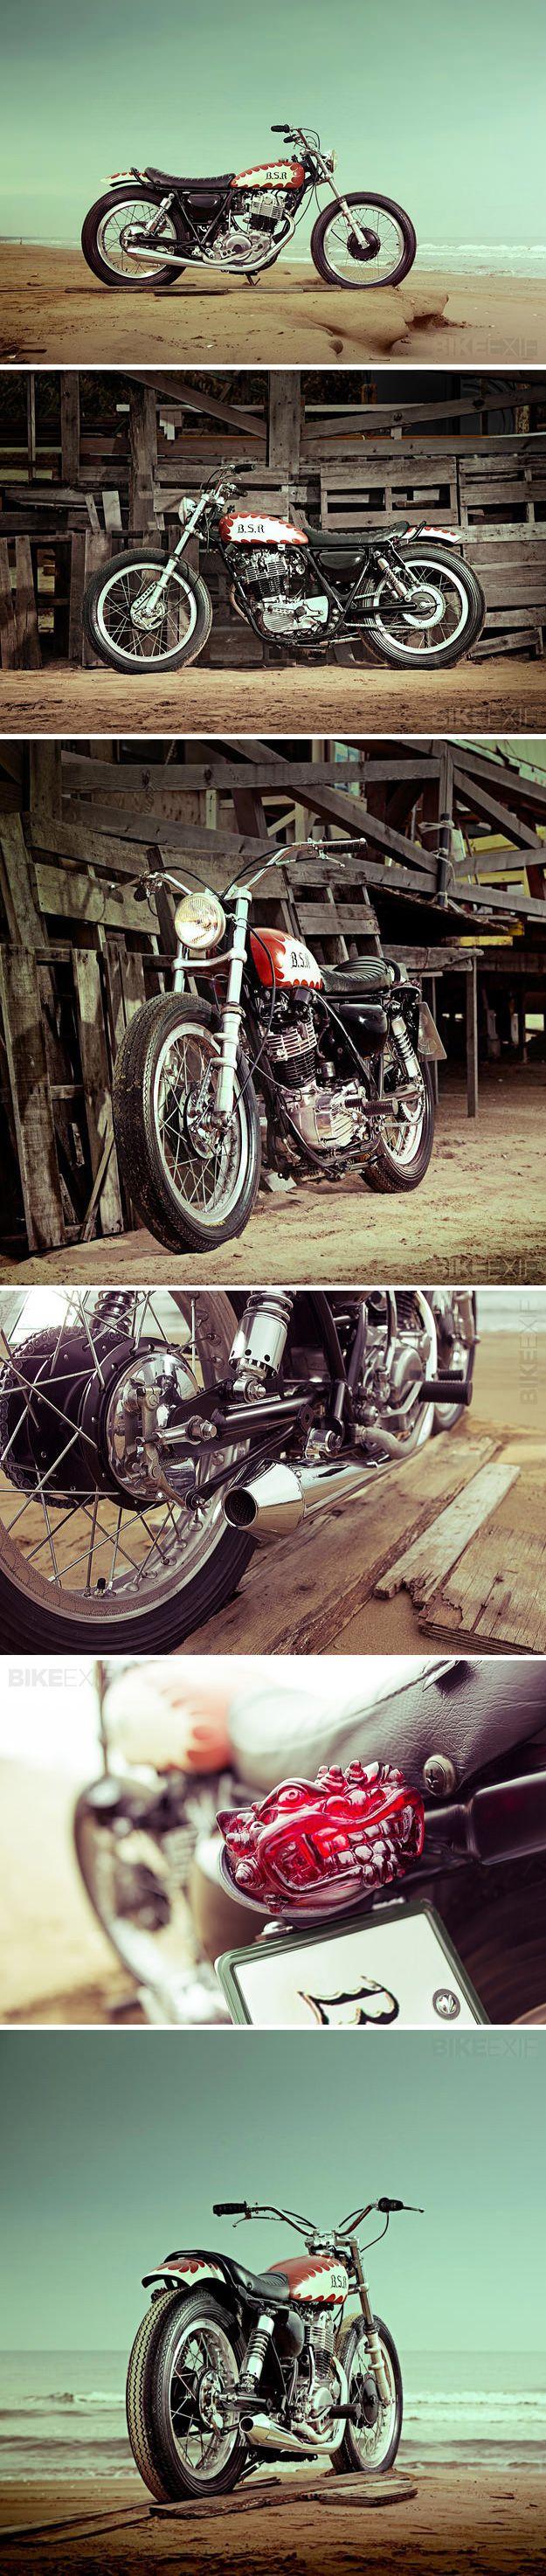 Yamaha SR400 seen on BikeExif : http://www.bikeexif.com/yamaha-sr400-yard-built